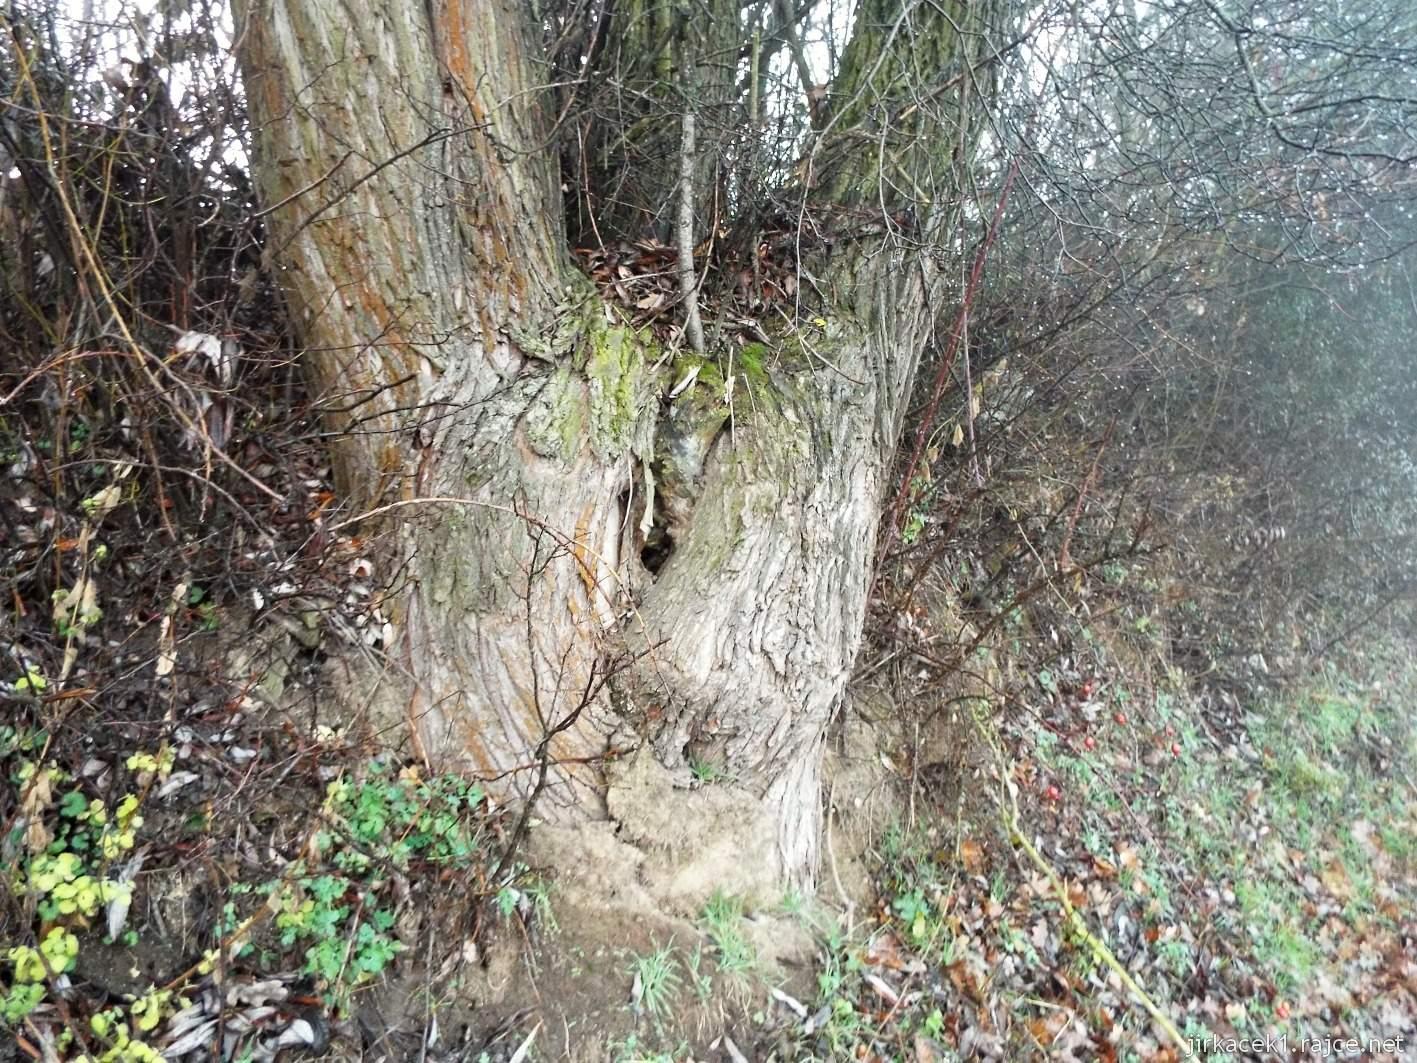 095 - strom připomínající zadek před obcí Soběsuky